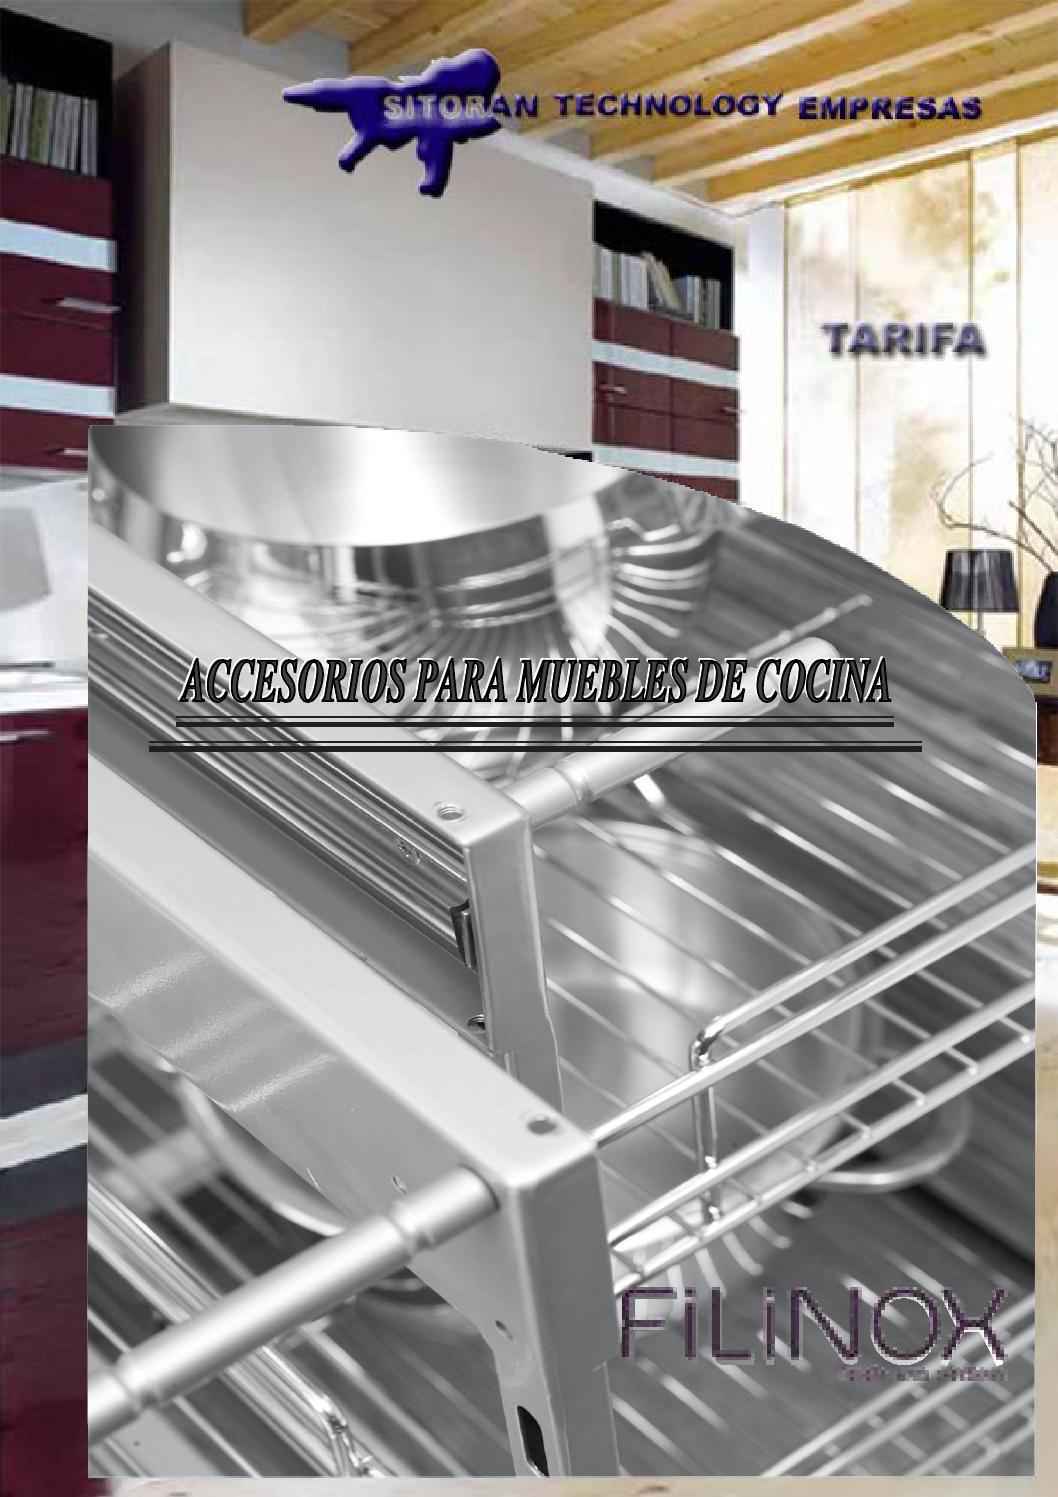 Tarifa accesorios para muebles de cocina 2014 by sitoran for Accesorios muebles de cocina